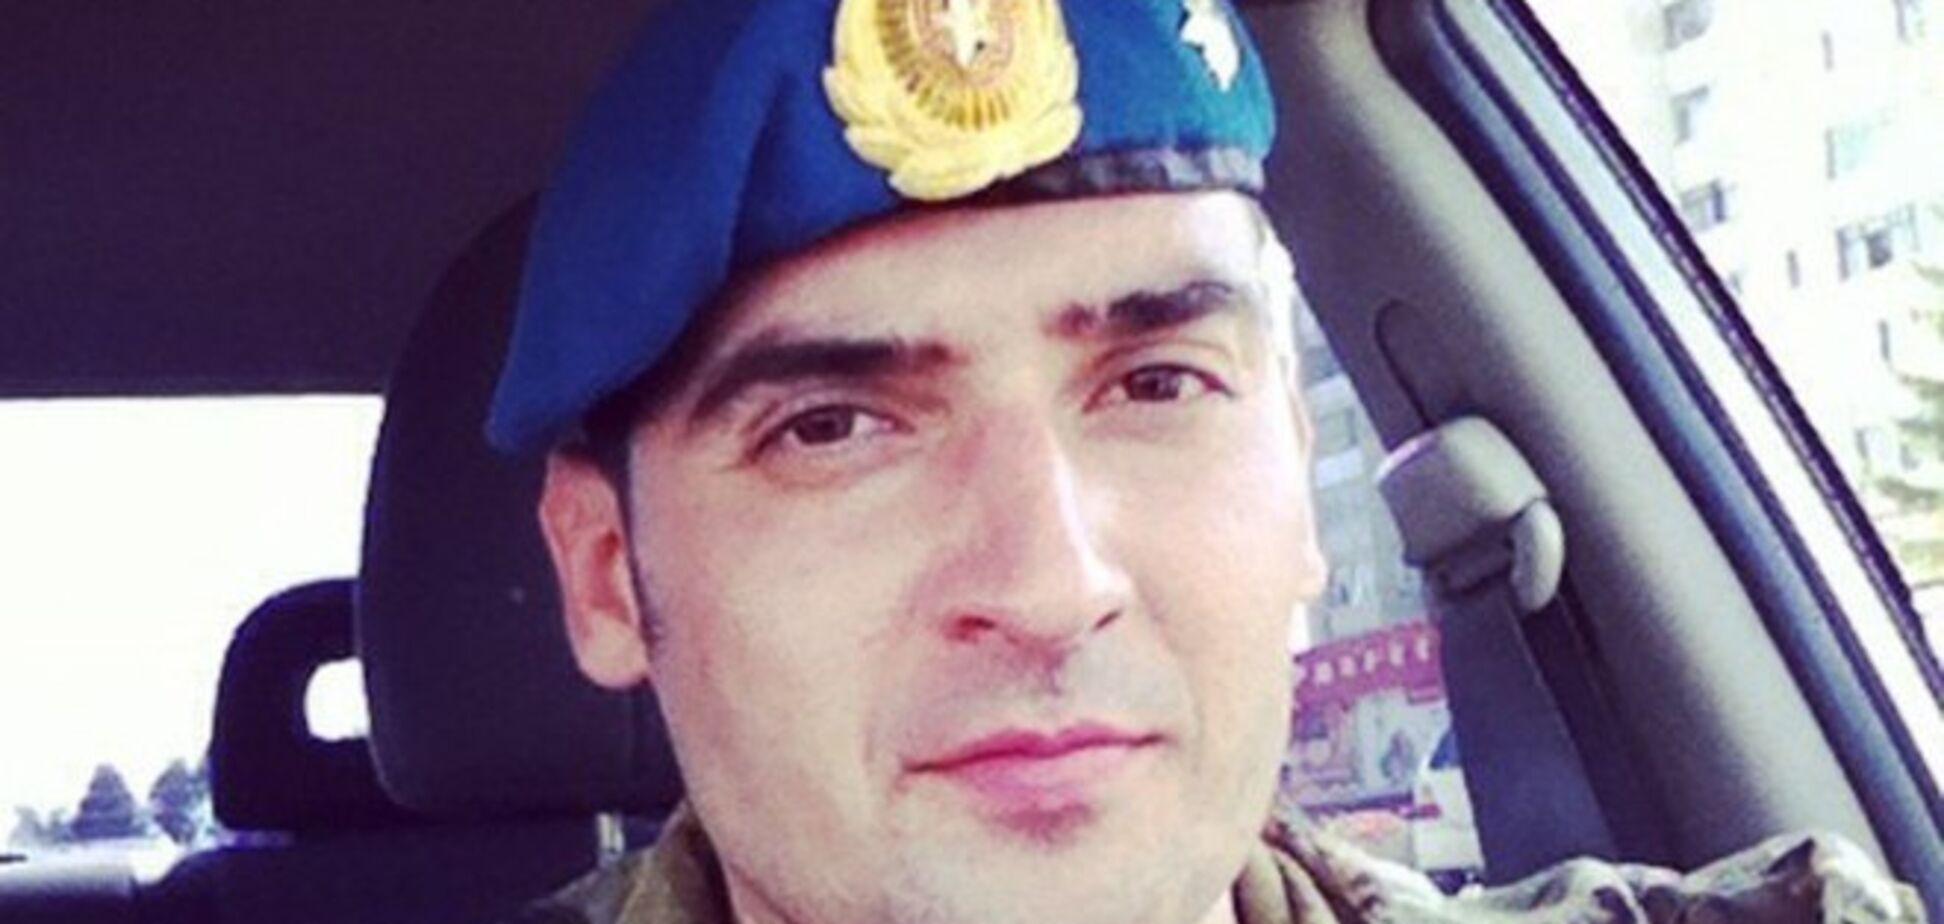 Бойцы АТО ликвидировали командира разведроты из Новосибирска: опубликовано фото